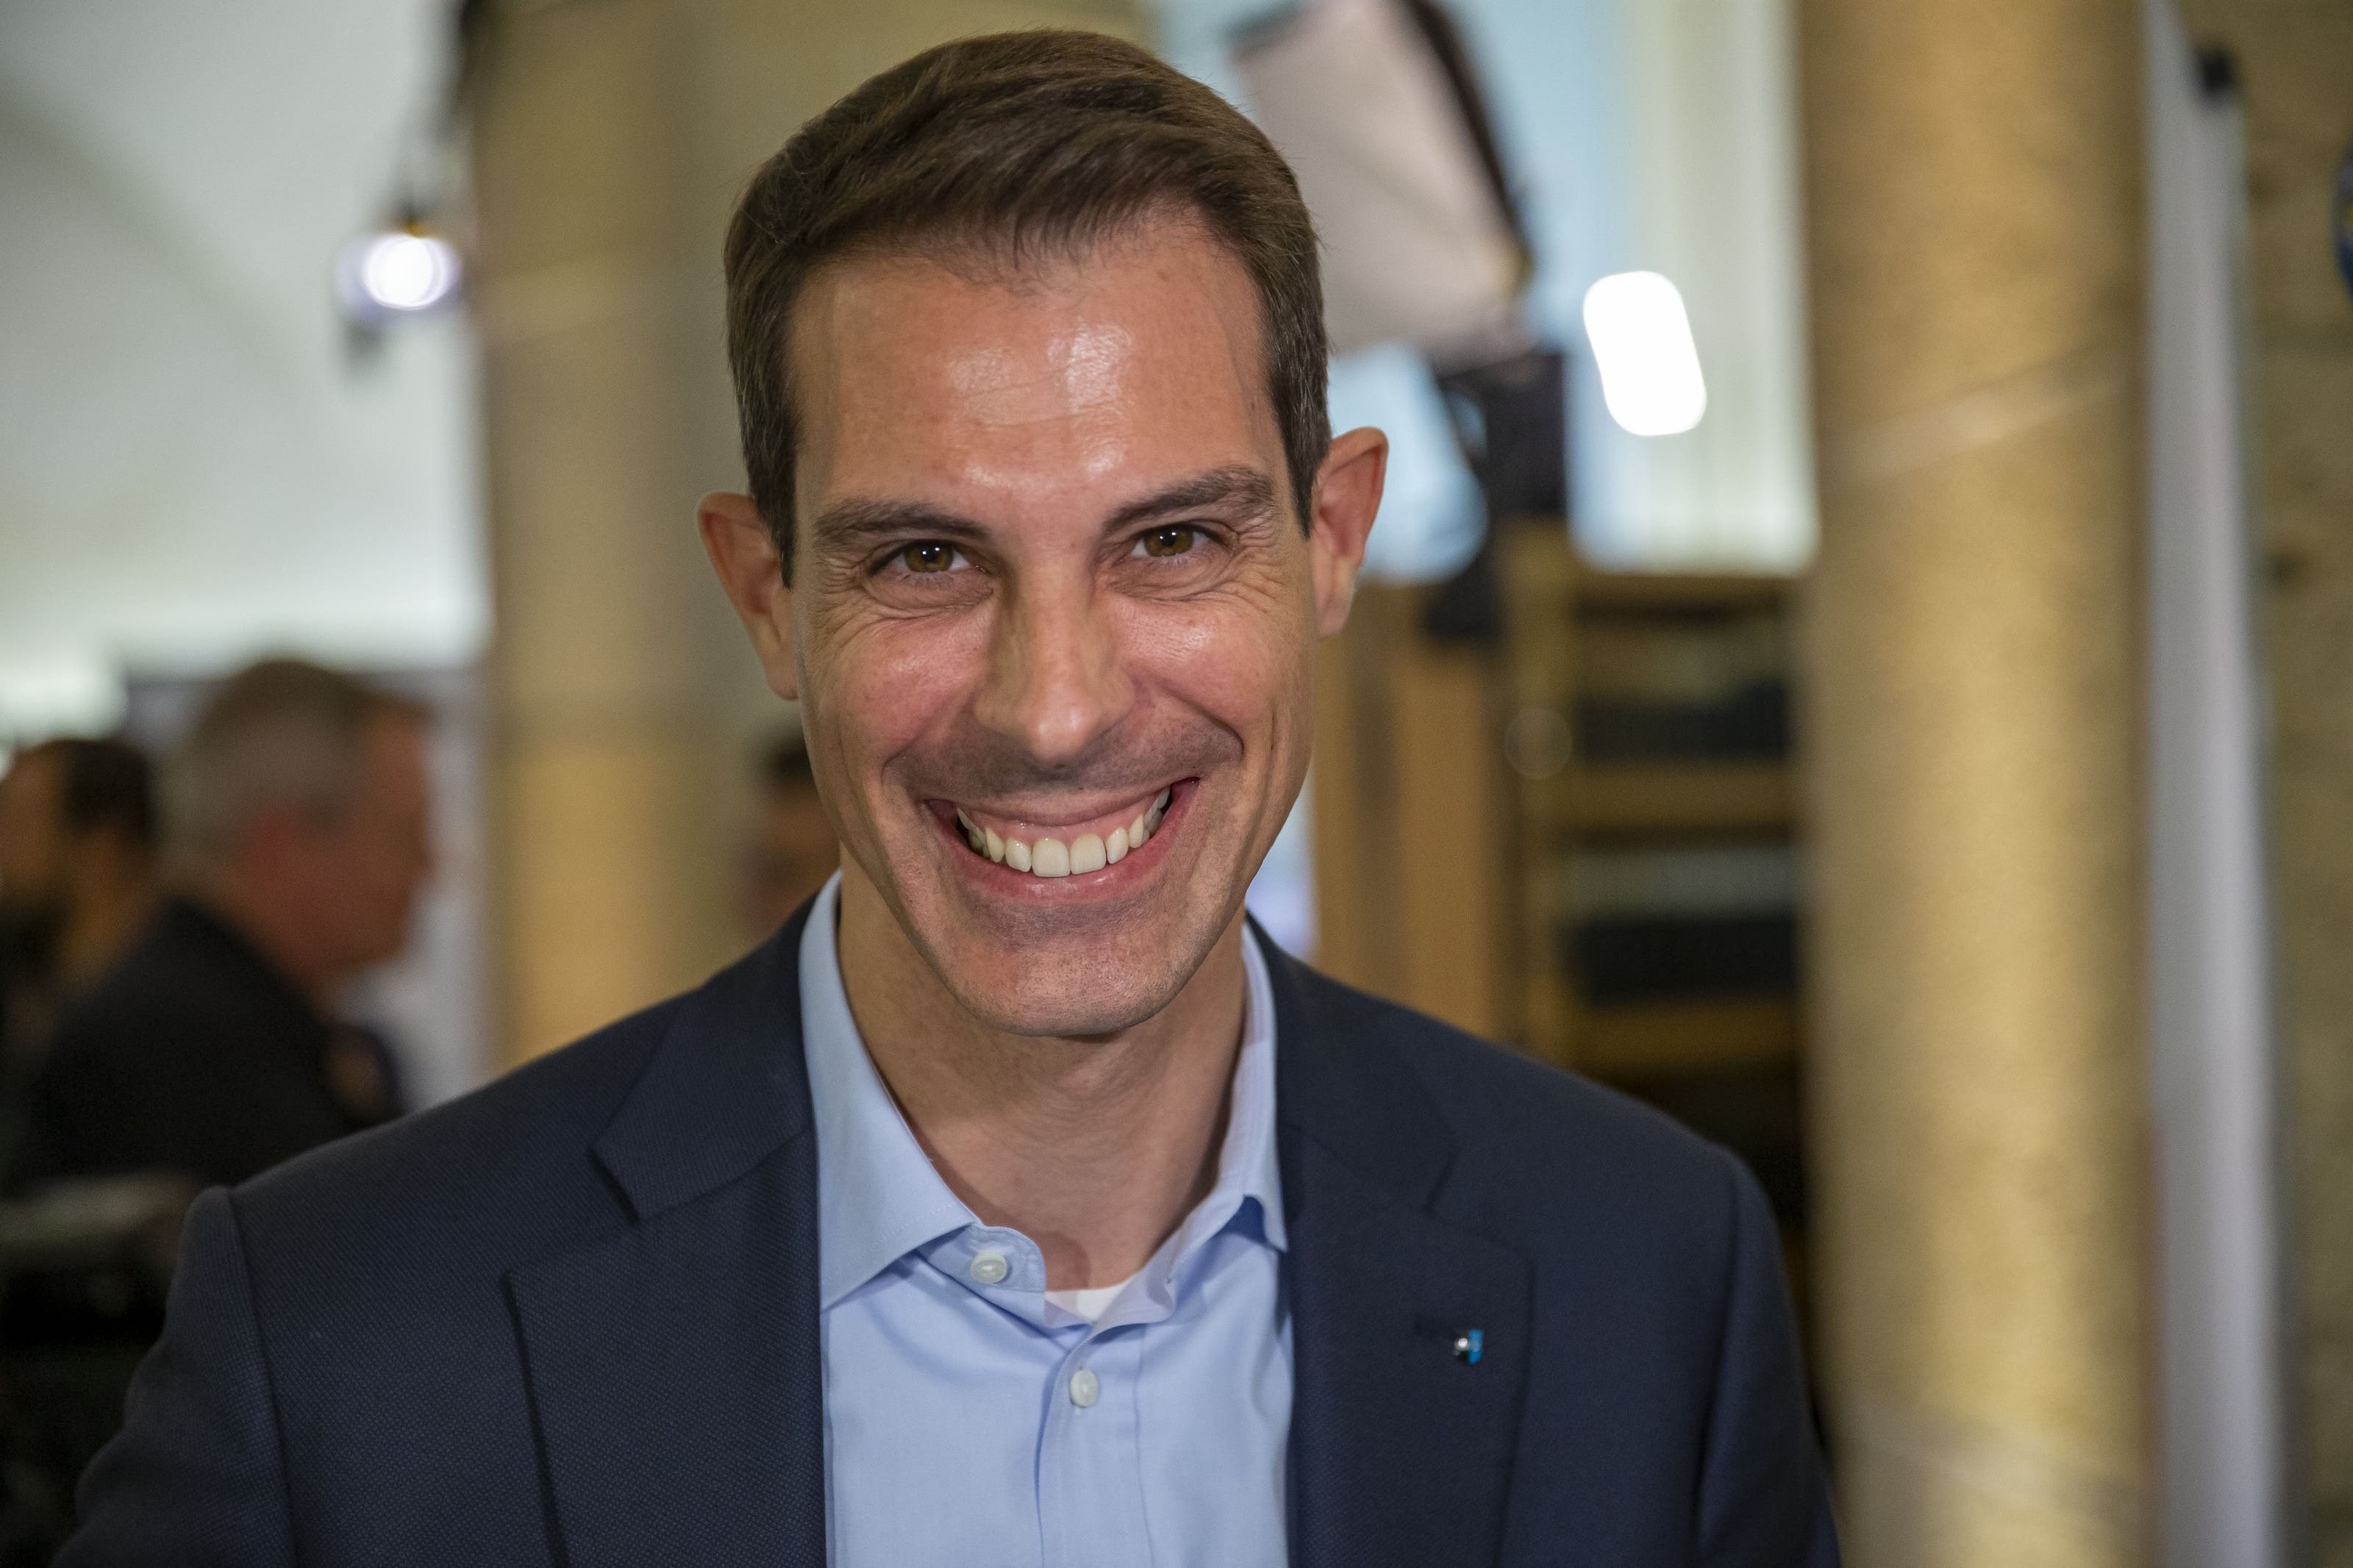 Thierry Burkart (FDP): Ständerat seit 2019 Thierry Burkart, FDP Nationalrat, im Wahlzentrum des Kanton Aargau am Sonntag, 20. Oktober 2019, in Aarau. (KEYSTONE/Patrick B. Kraemer)